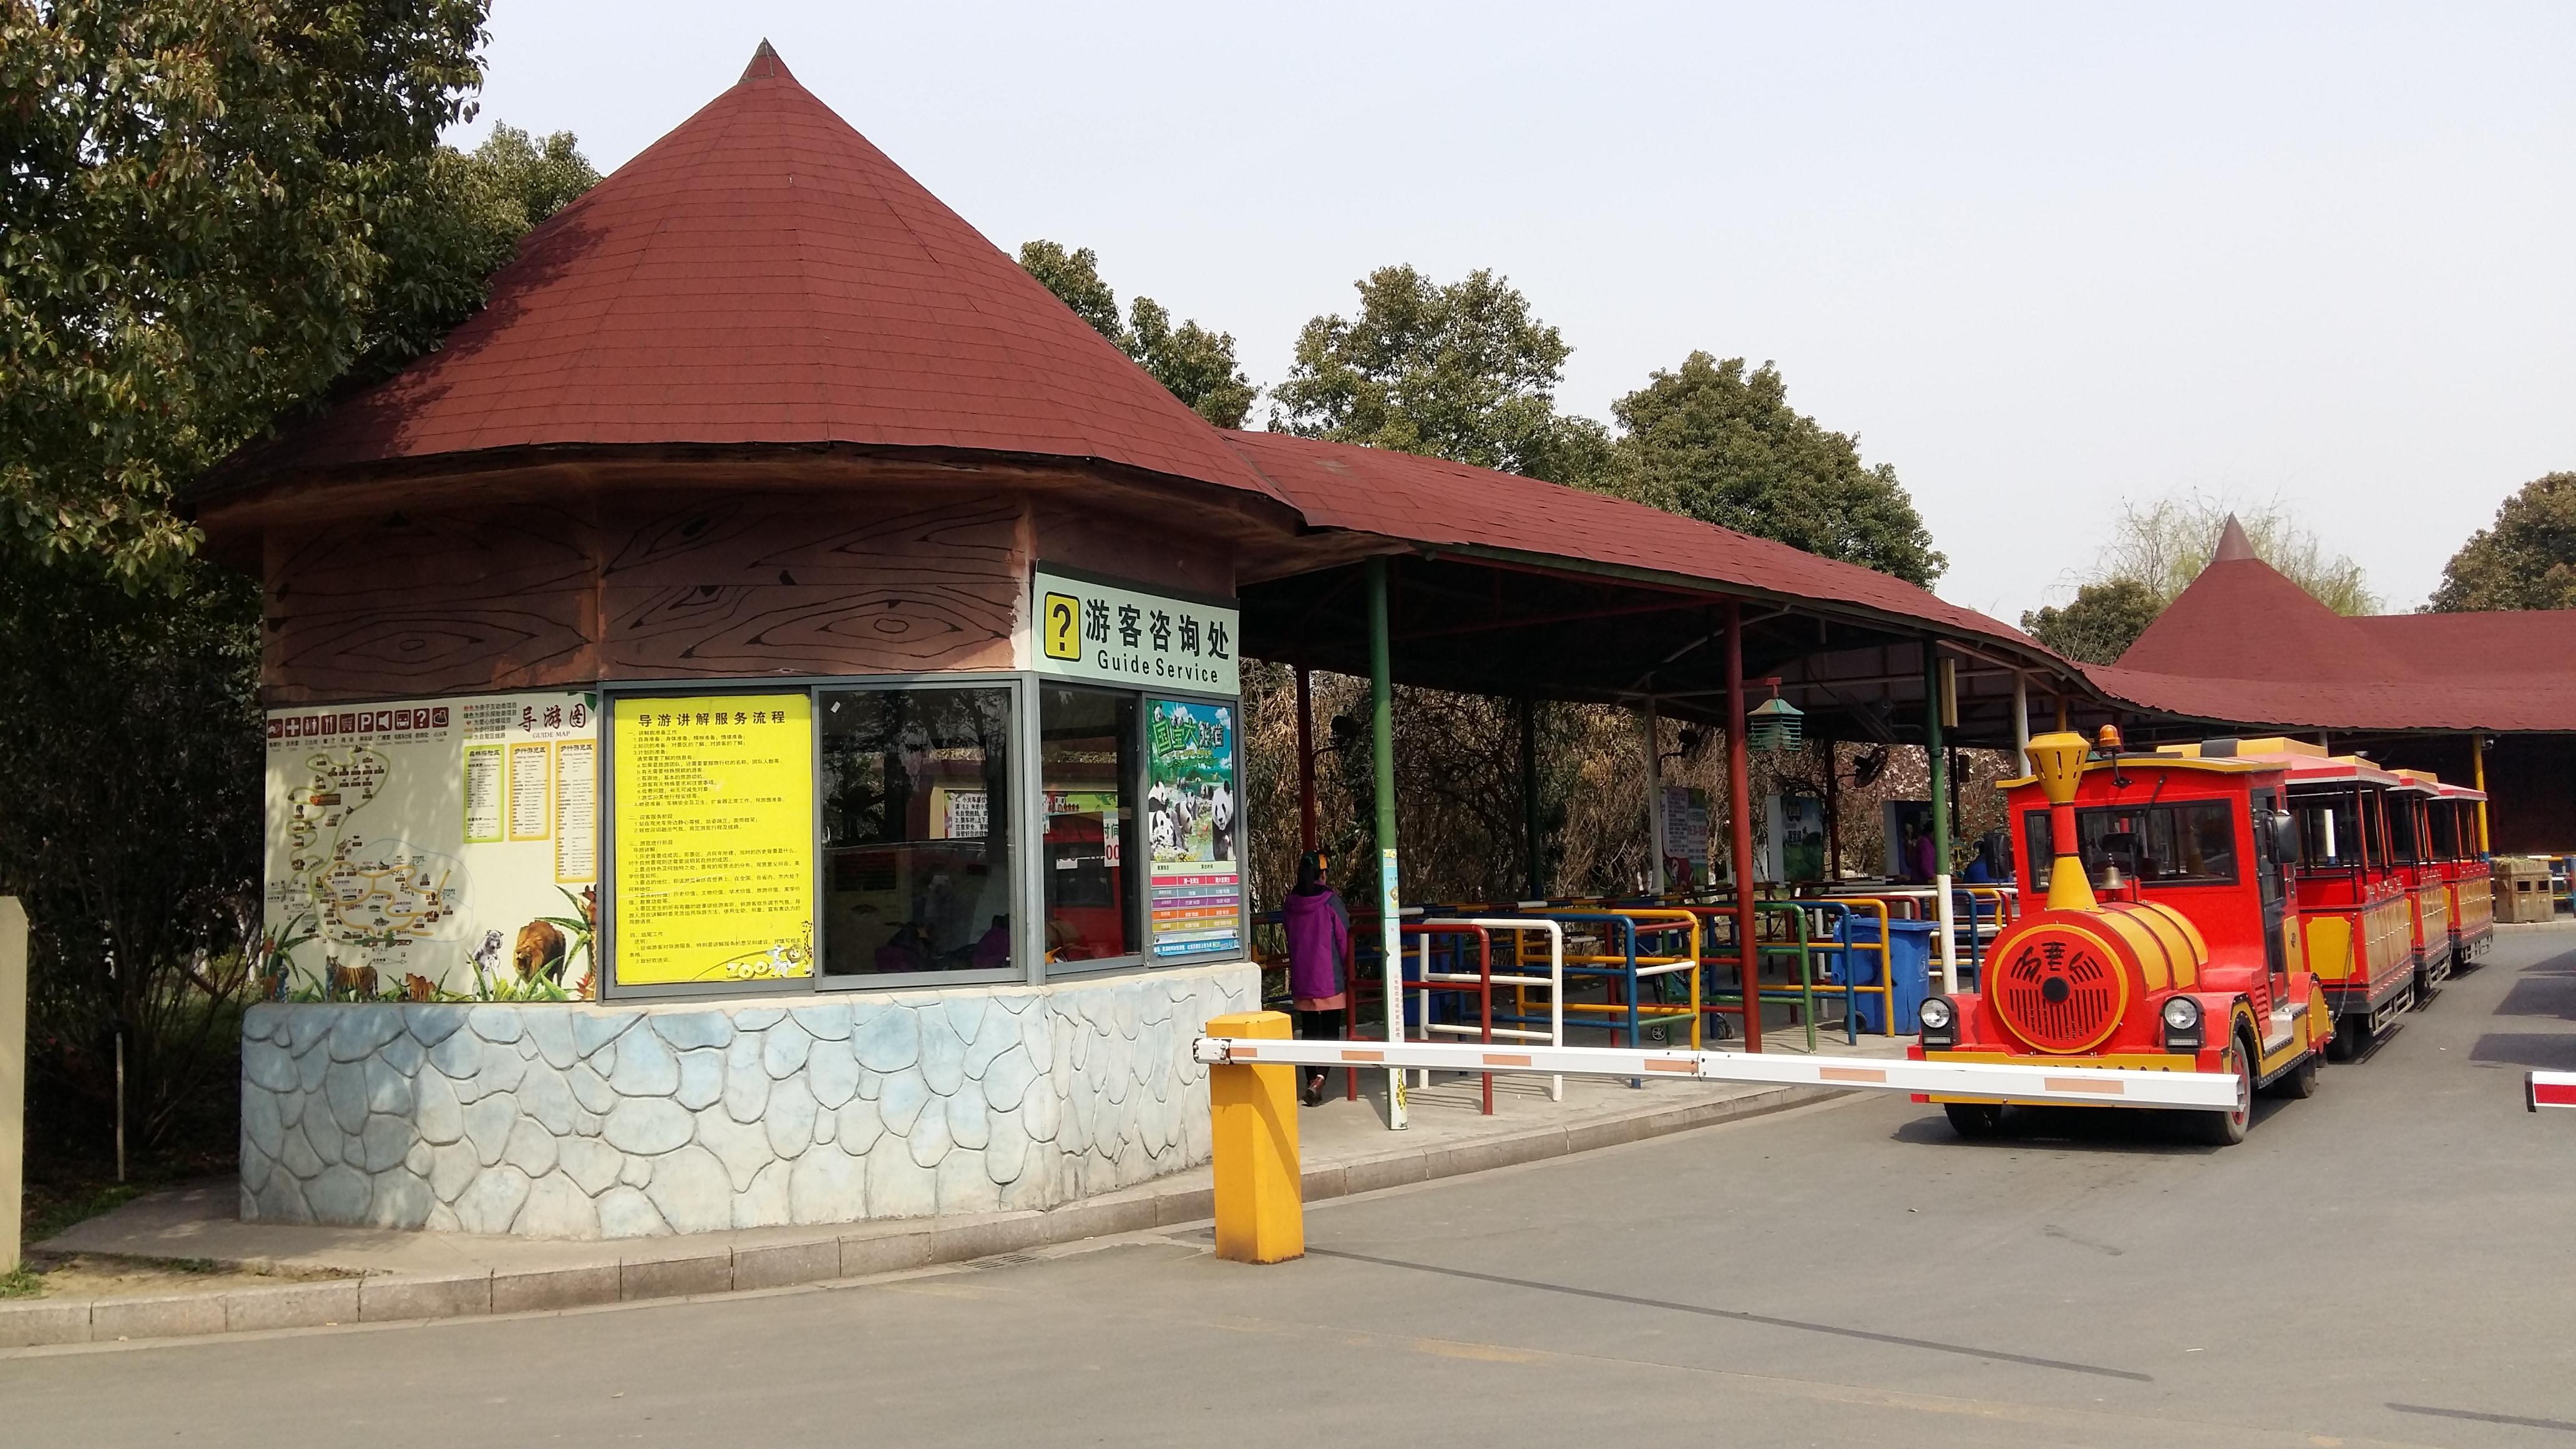 常州淹城野生动物园,济南野生动物园等景区合作成立观光小火车队伍,负